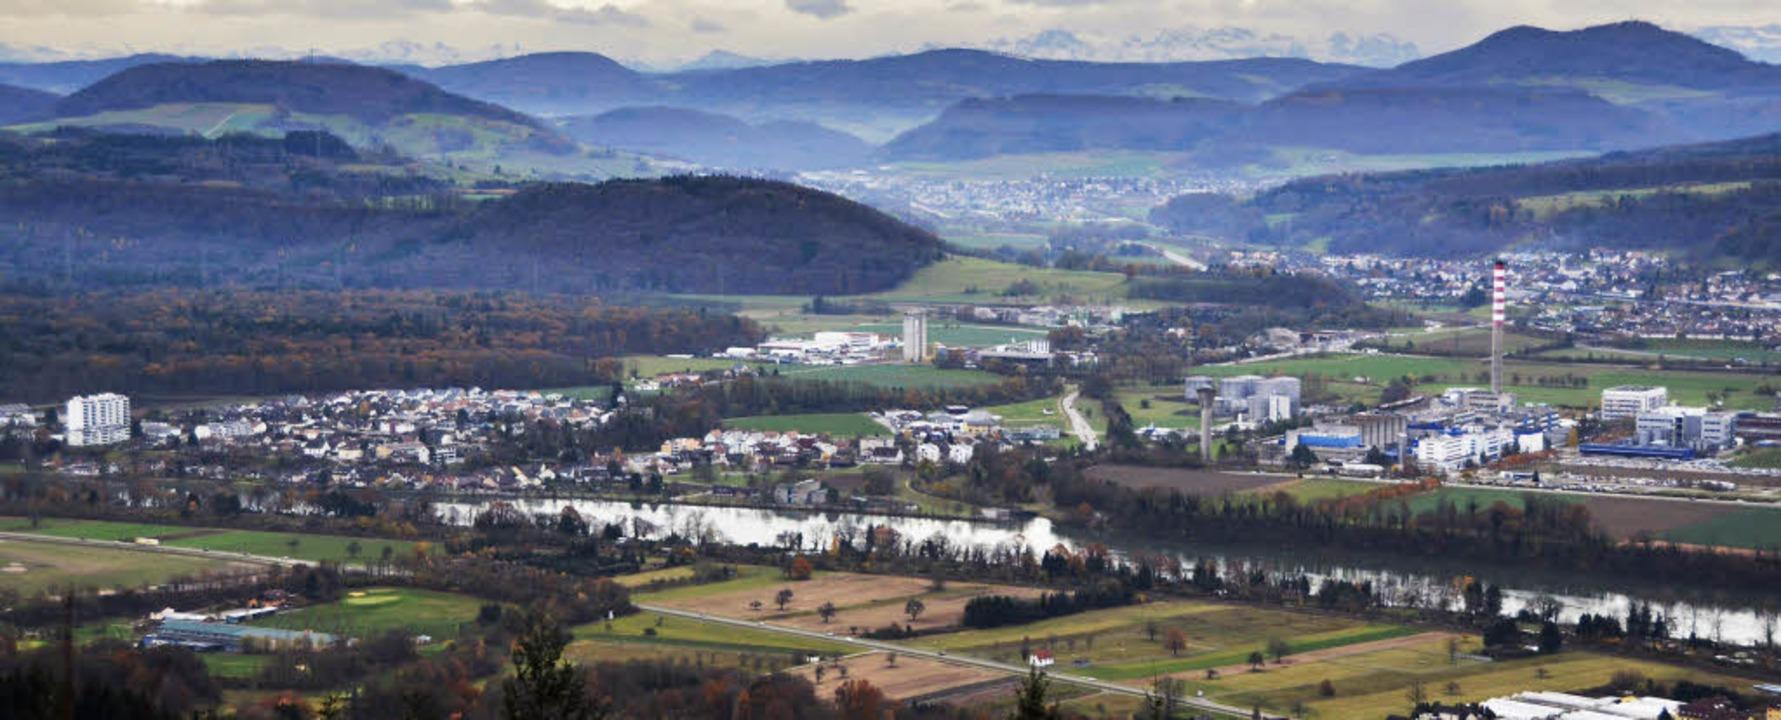 Von den Schweizer Alpen im Hintergrund...warzwald ziehen zahlreiche Wildtiere.   | Foto: Felix Held